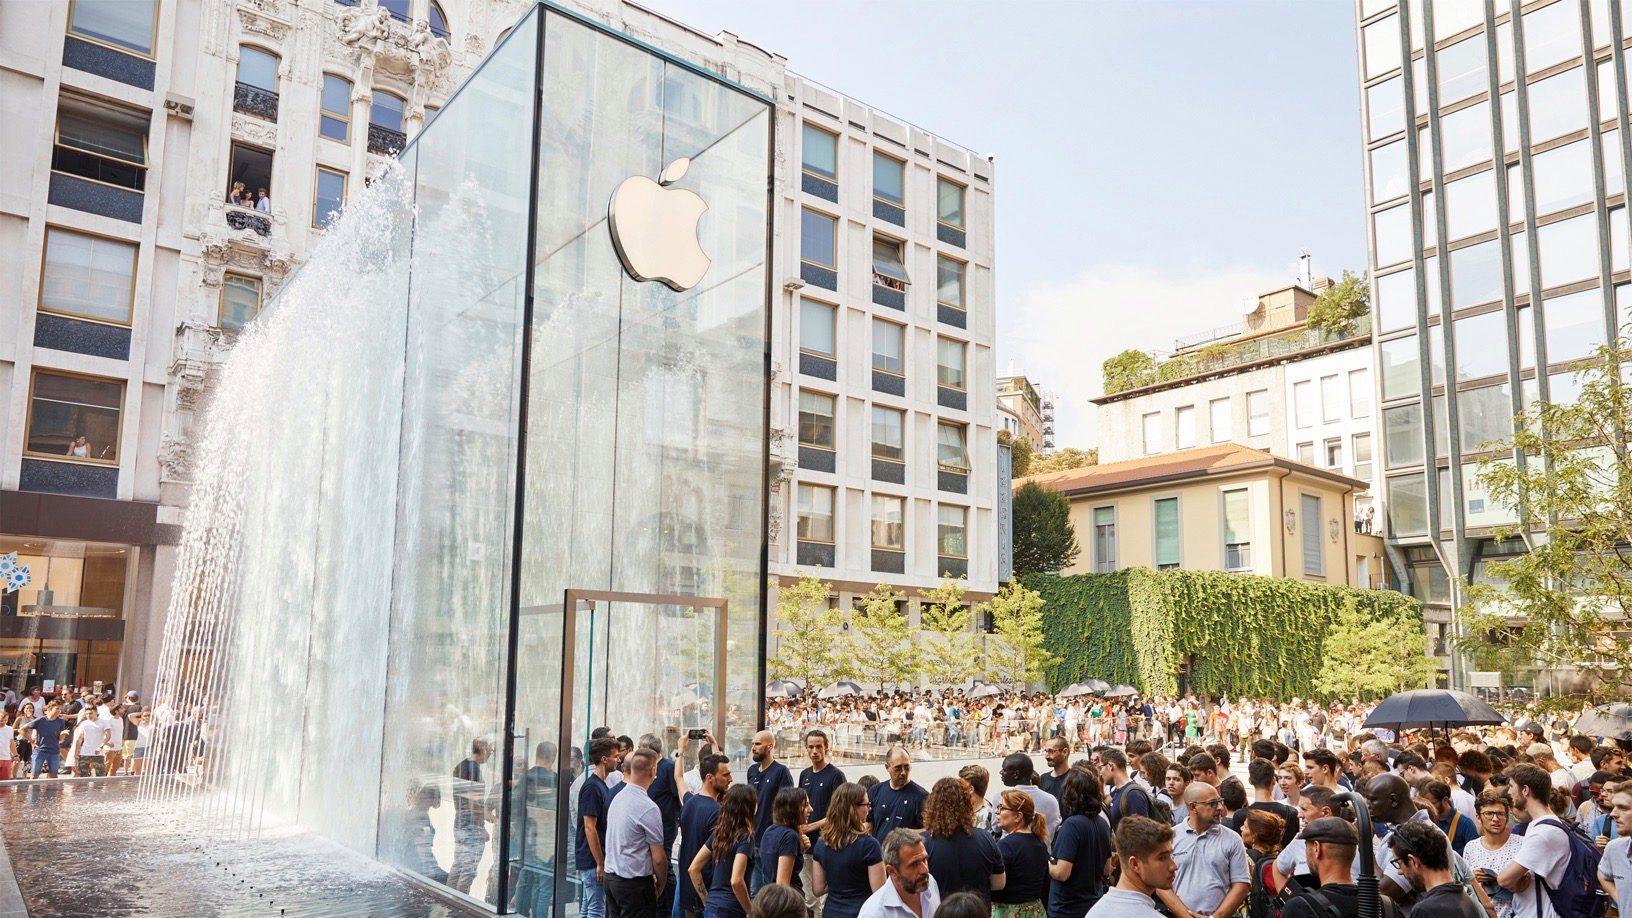 受疫情影响,苹果公司将无限期关闭意大利的所有苹果线下门店